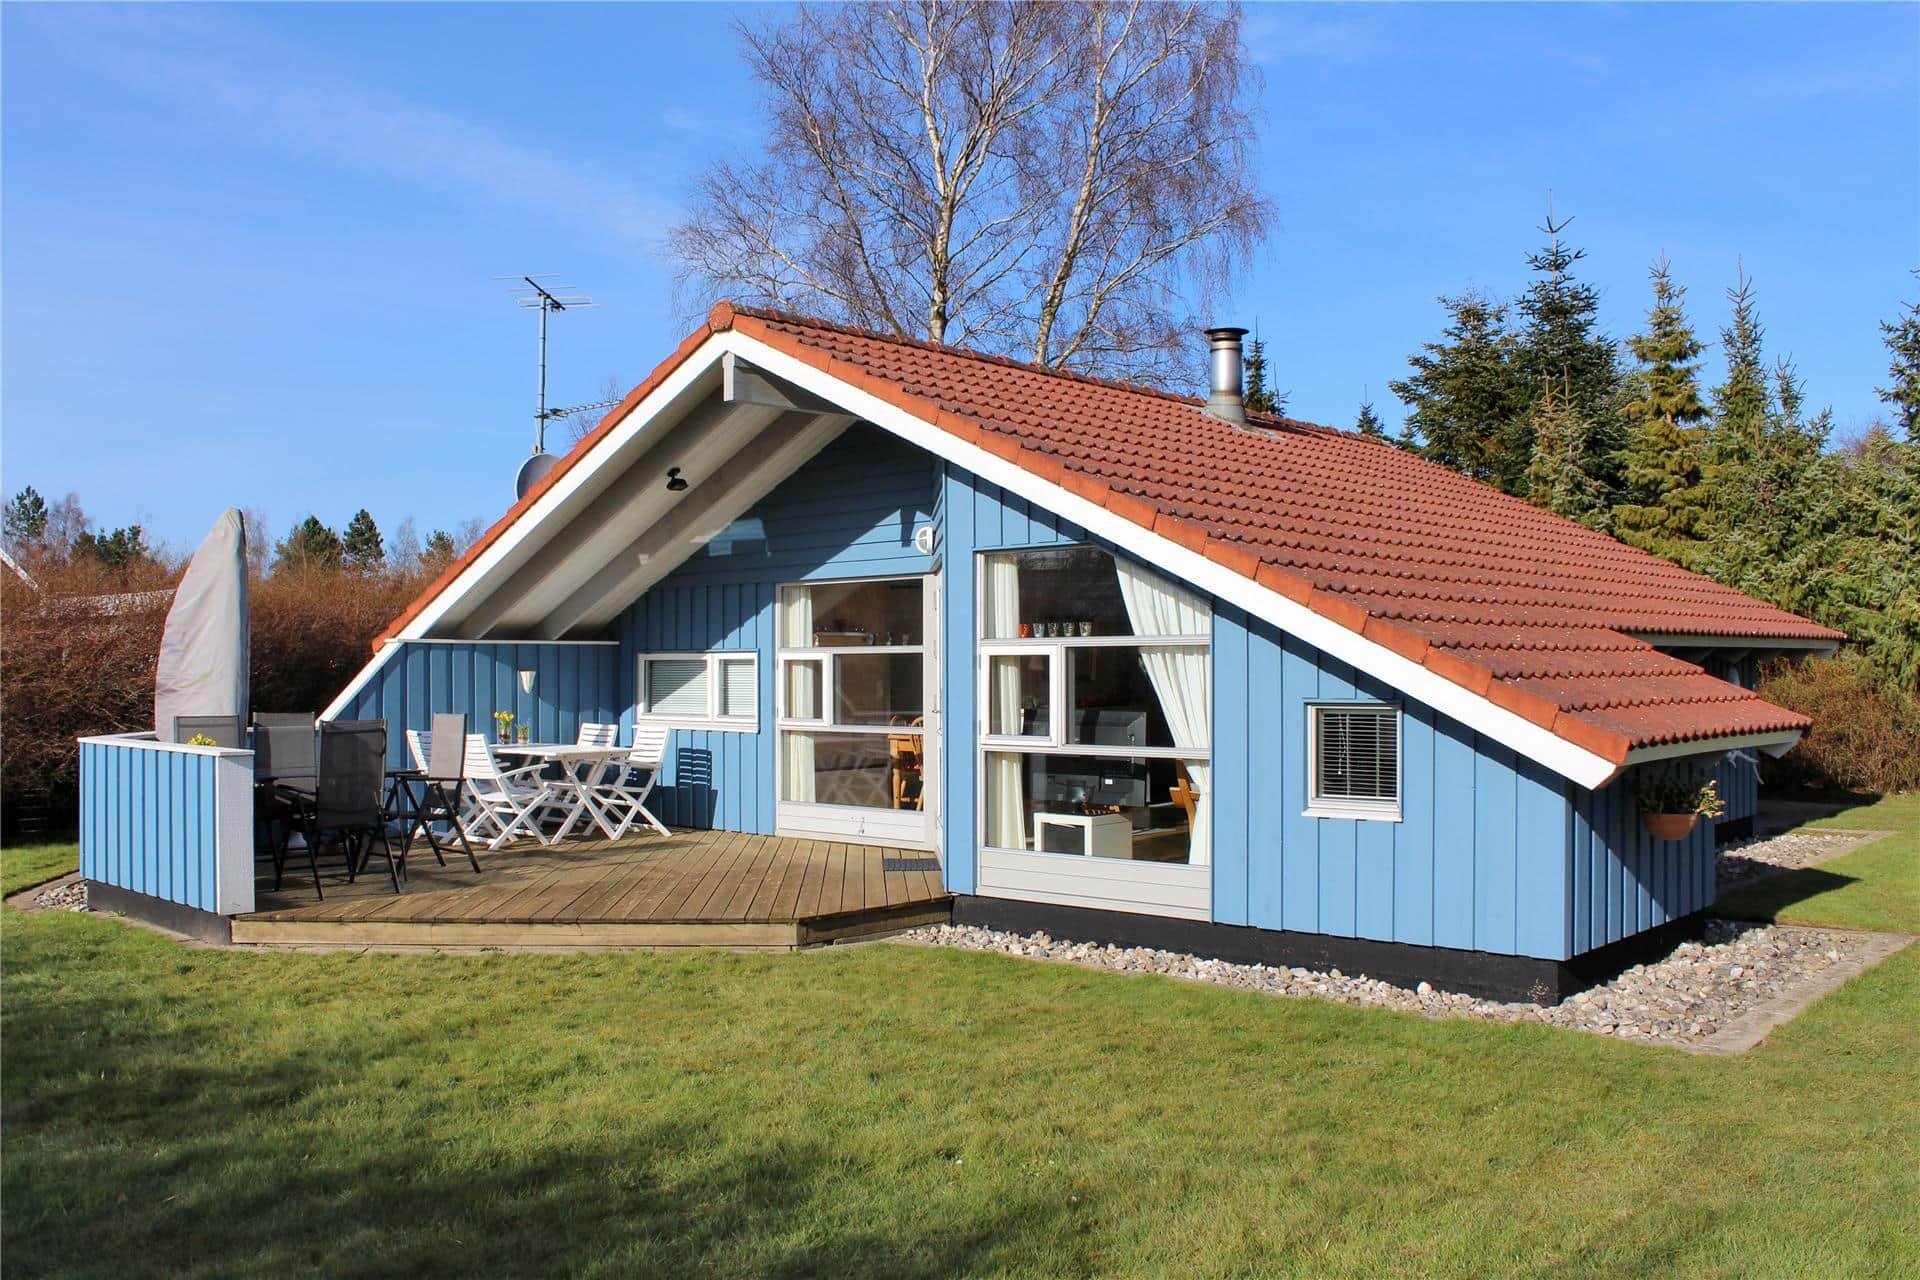 Bild 1-3 Ferienhaus M642121, Castorvej 9, DK - 5500 Middelfart